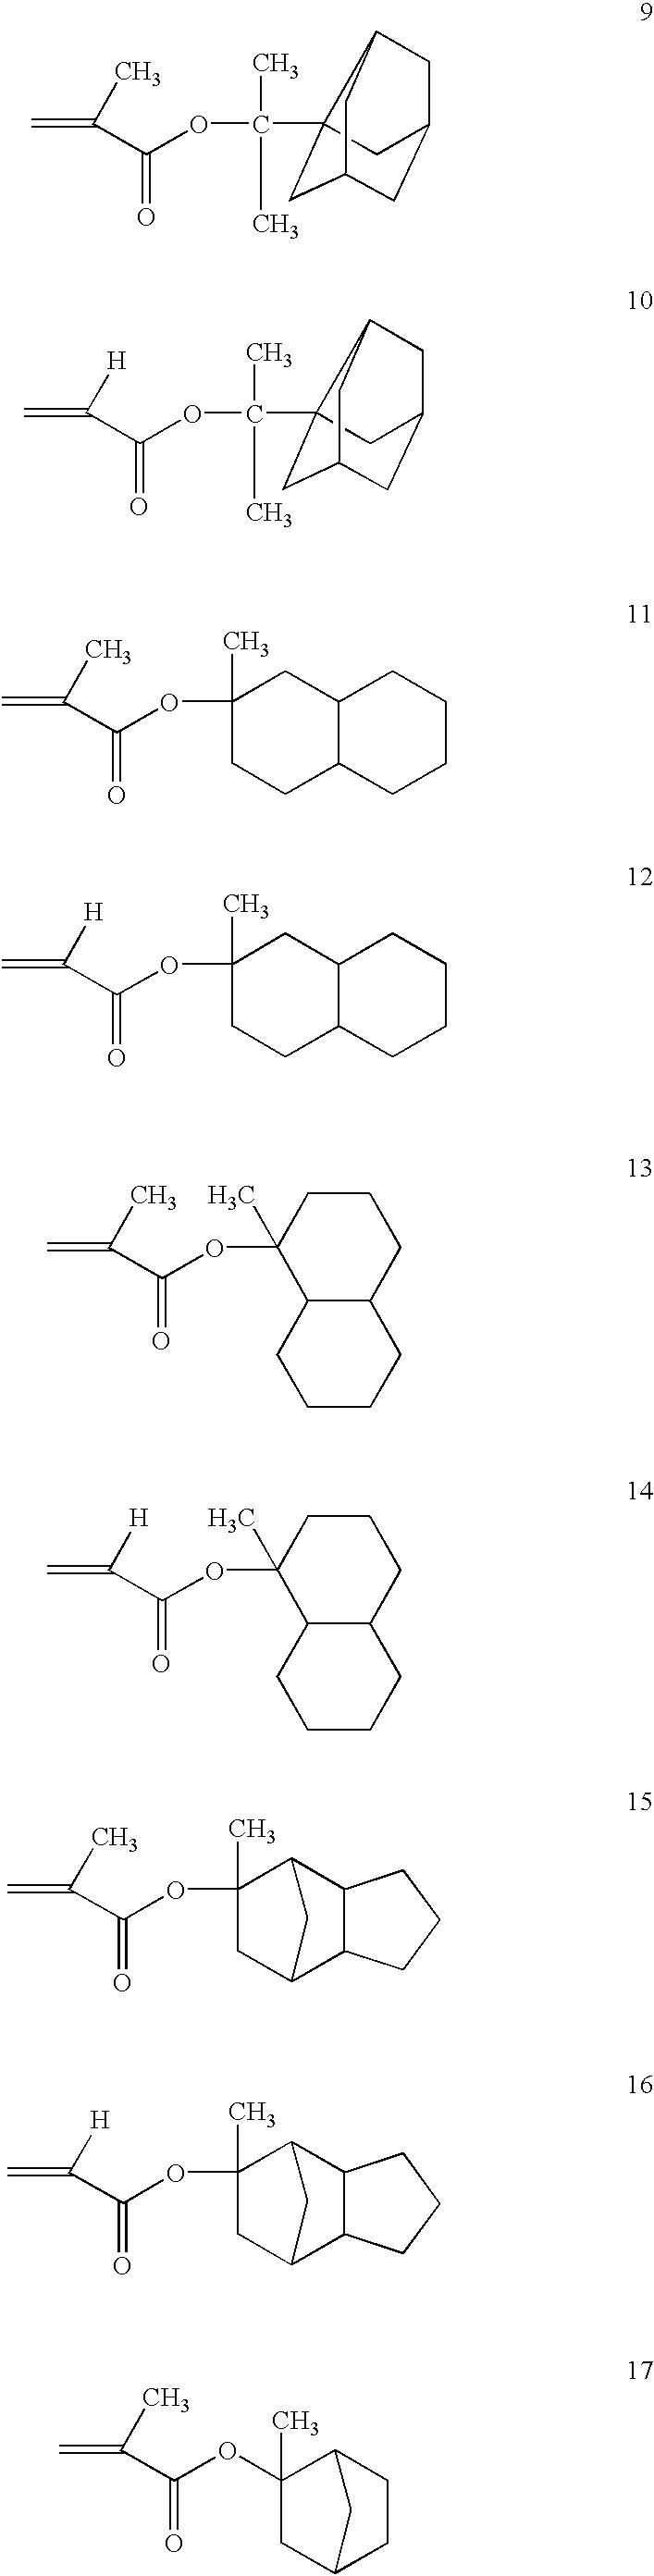 Figure US06596458-20030722-C00034